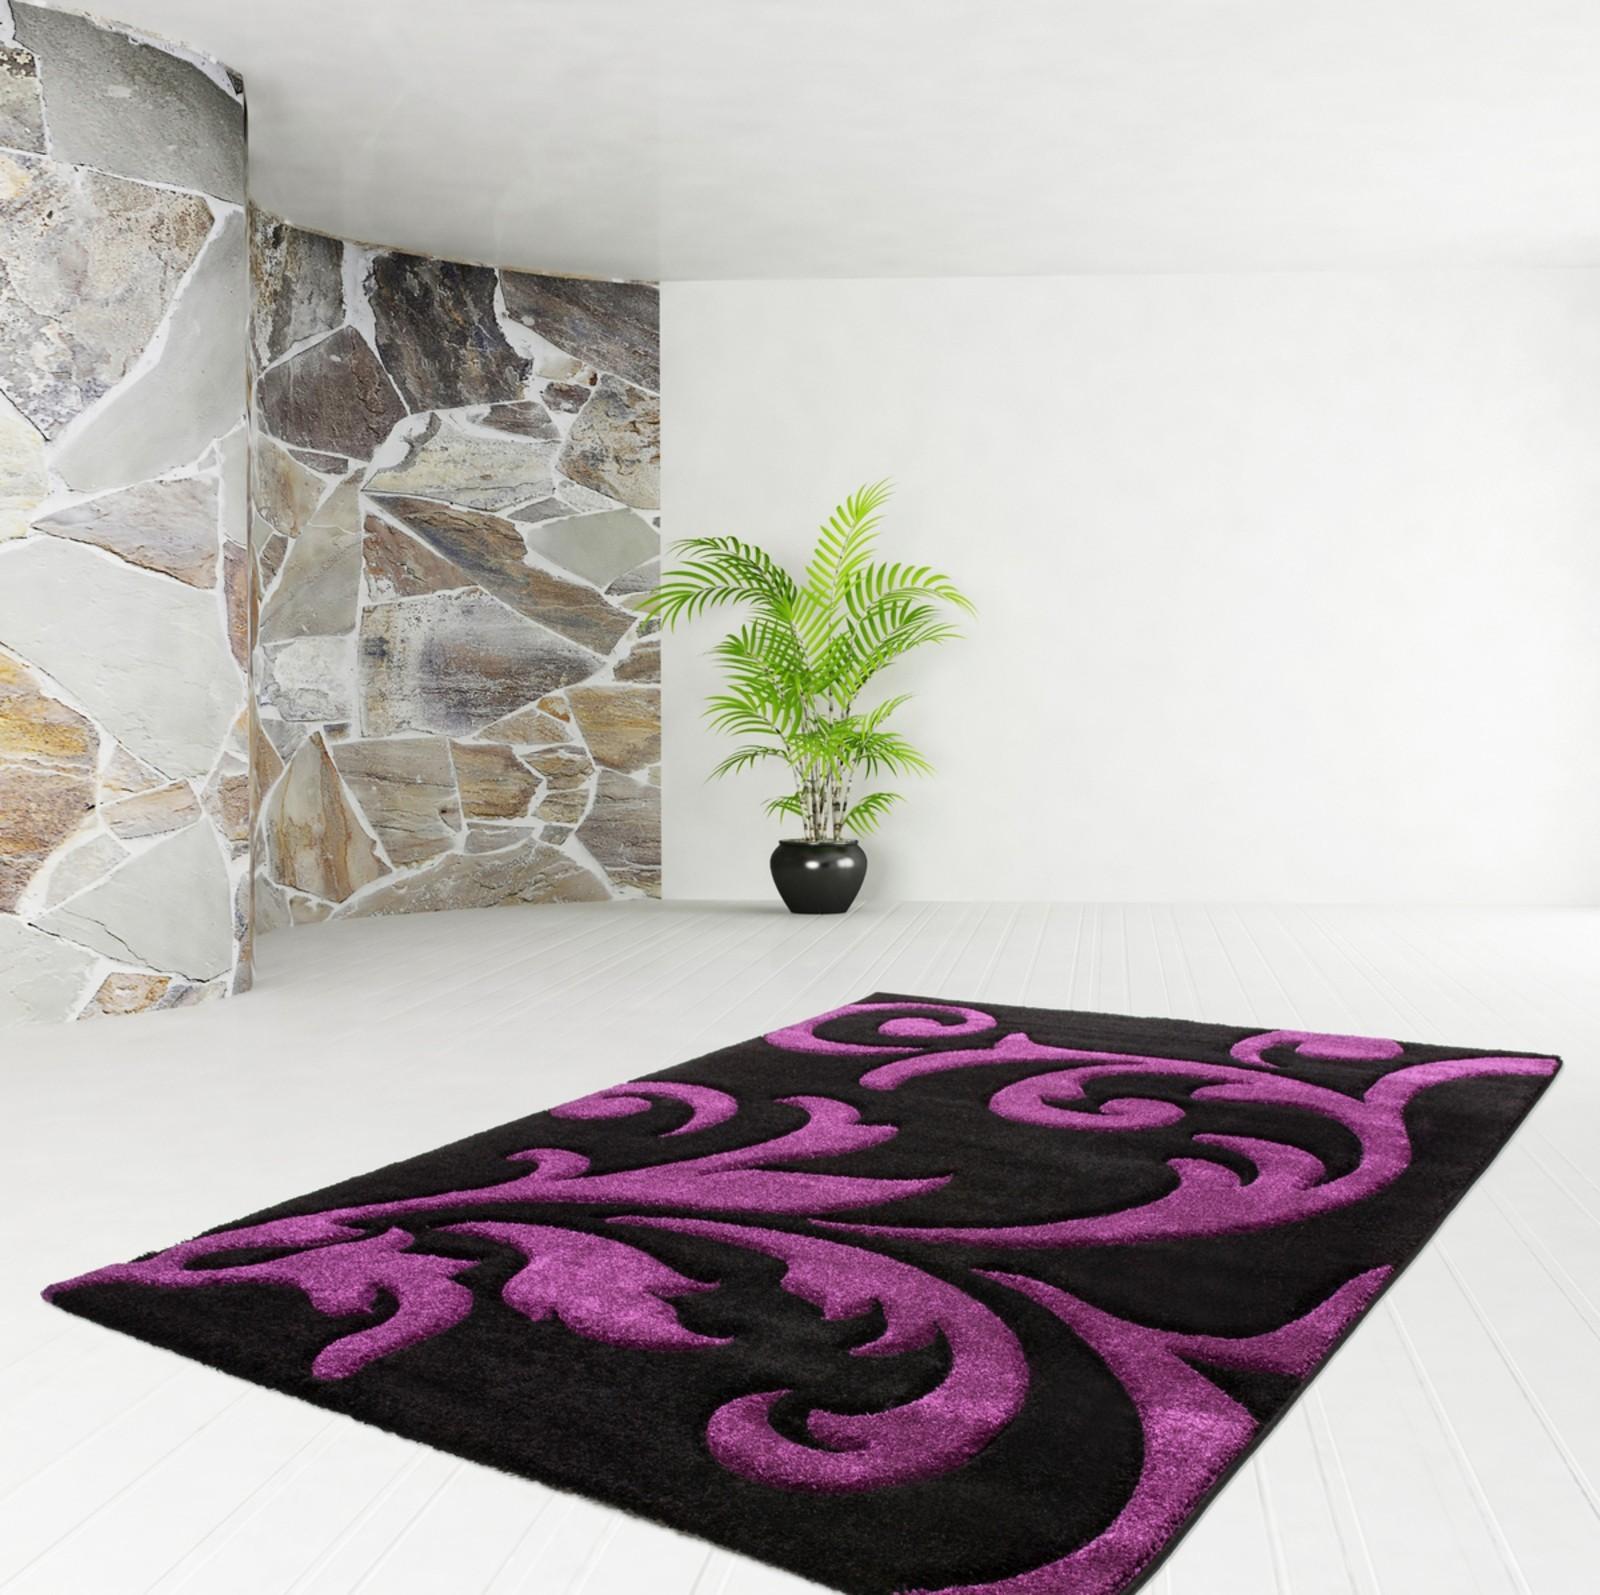 grand tapis cuisine cheap grand tapis de cuisine soft design humour pieds dans le plat xcm gris. Black Bedroom Furniture Sets. Home Design Ideas